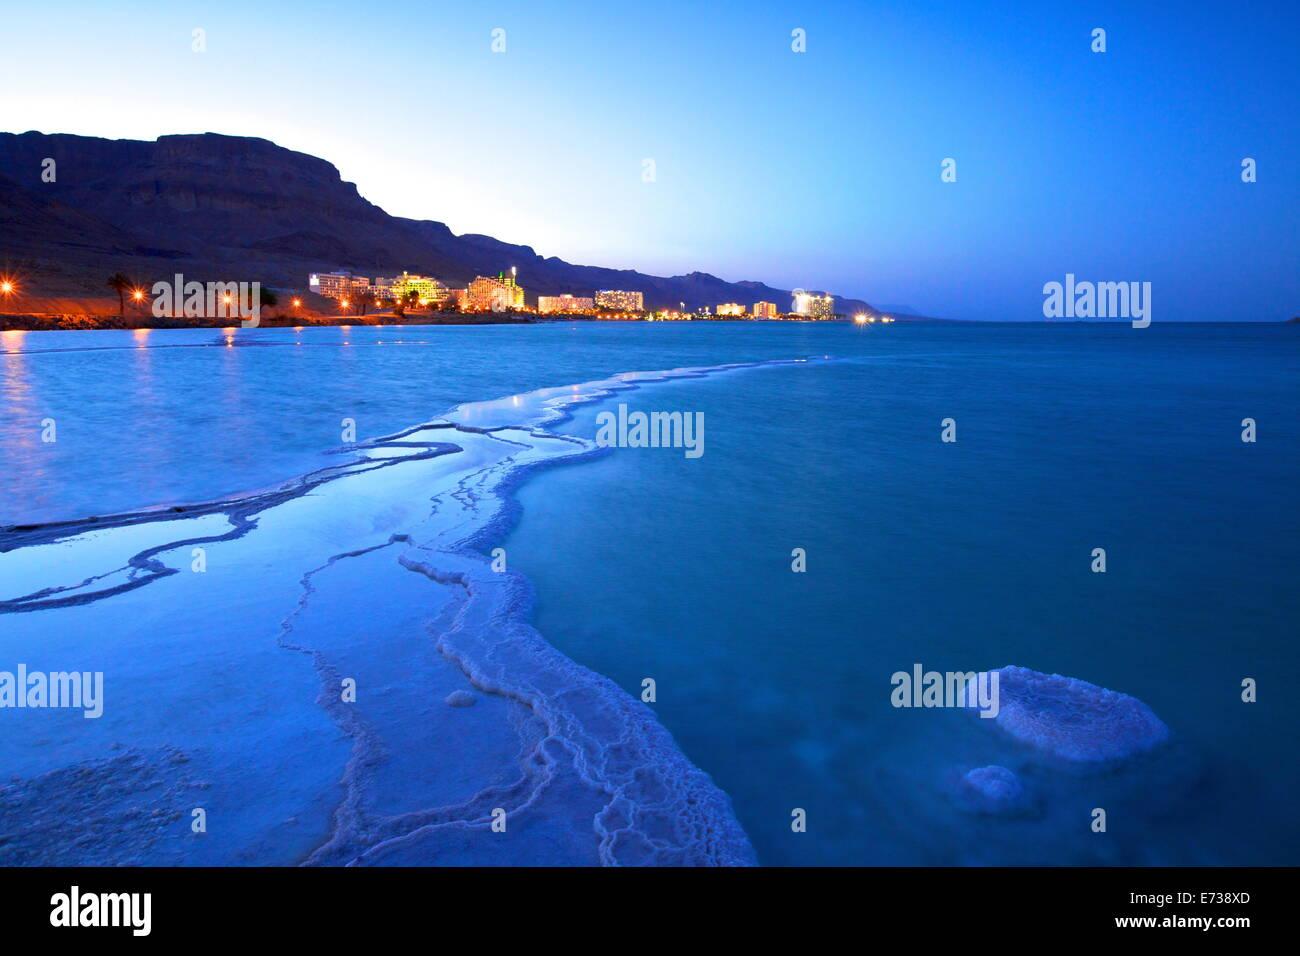 Gisement de sel en premier plan à l'égard Ein Bokek, Ein Bokek, Dead Sea, Israël, Moyen Orient Banque D'Images